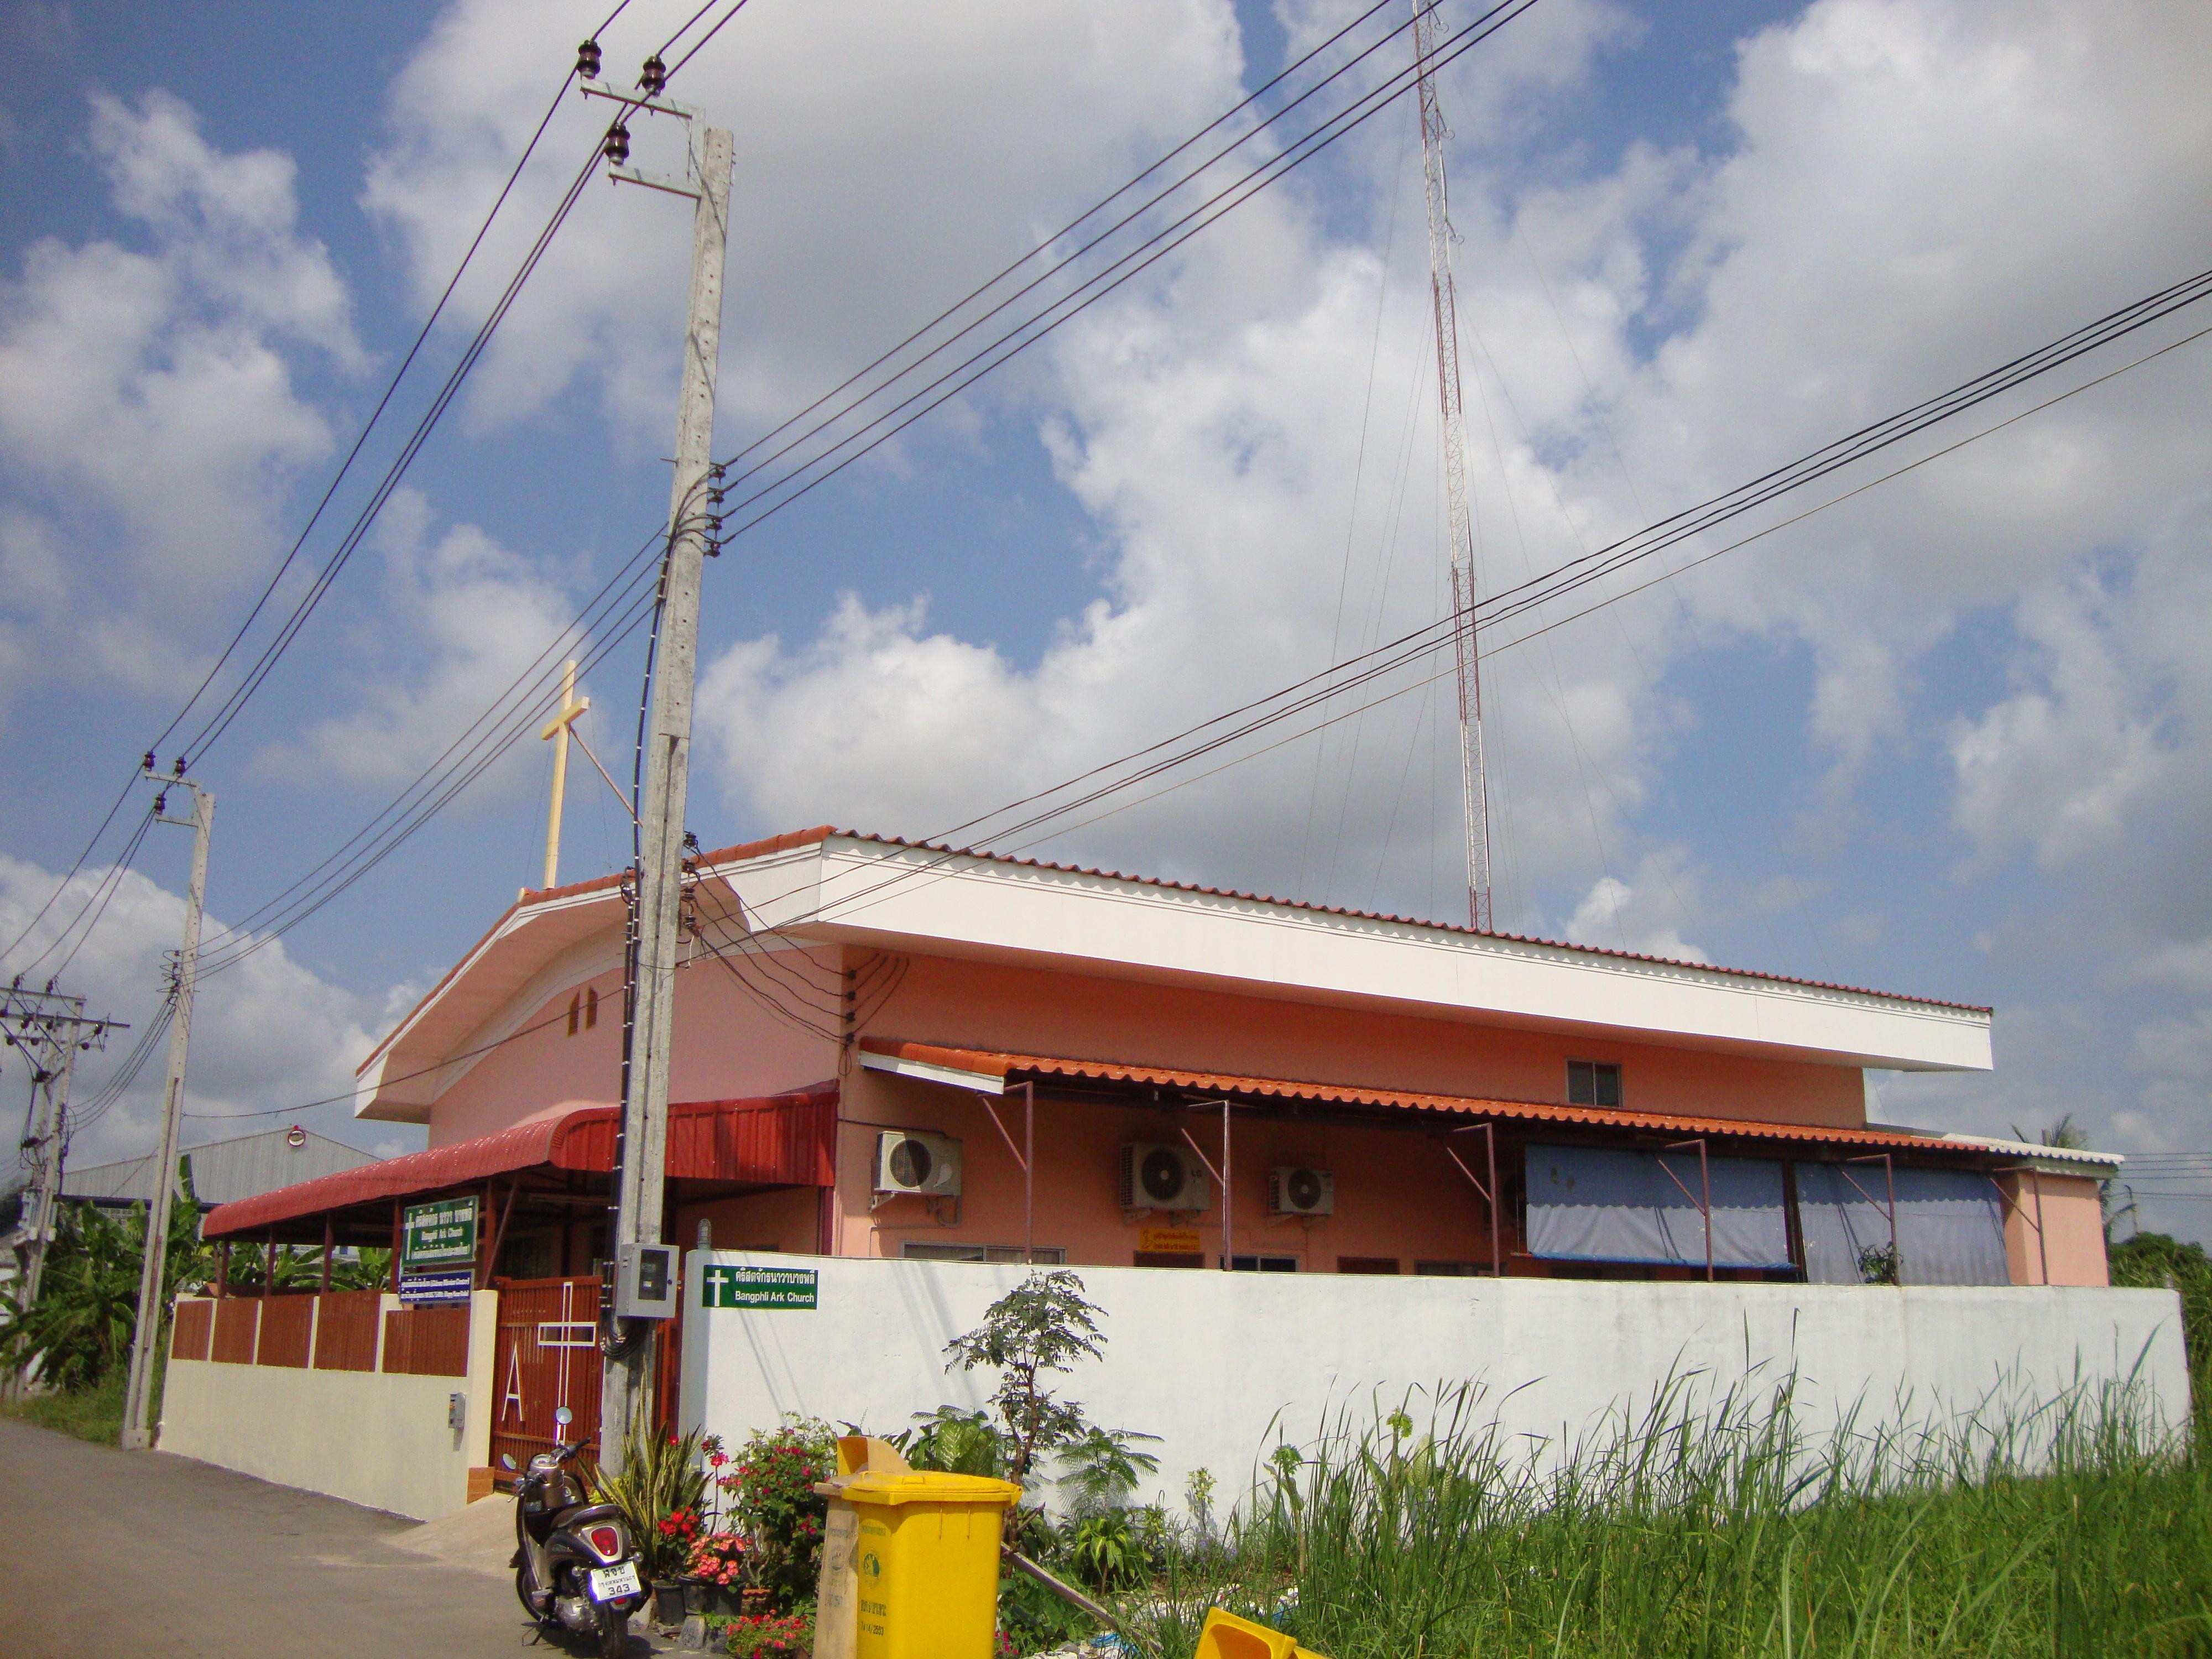 180126_04방프리방주교회 지붕개량공사  (3).JPG